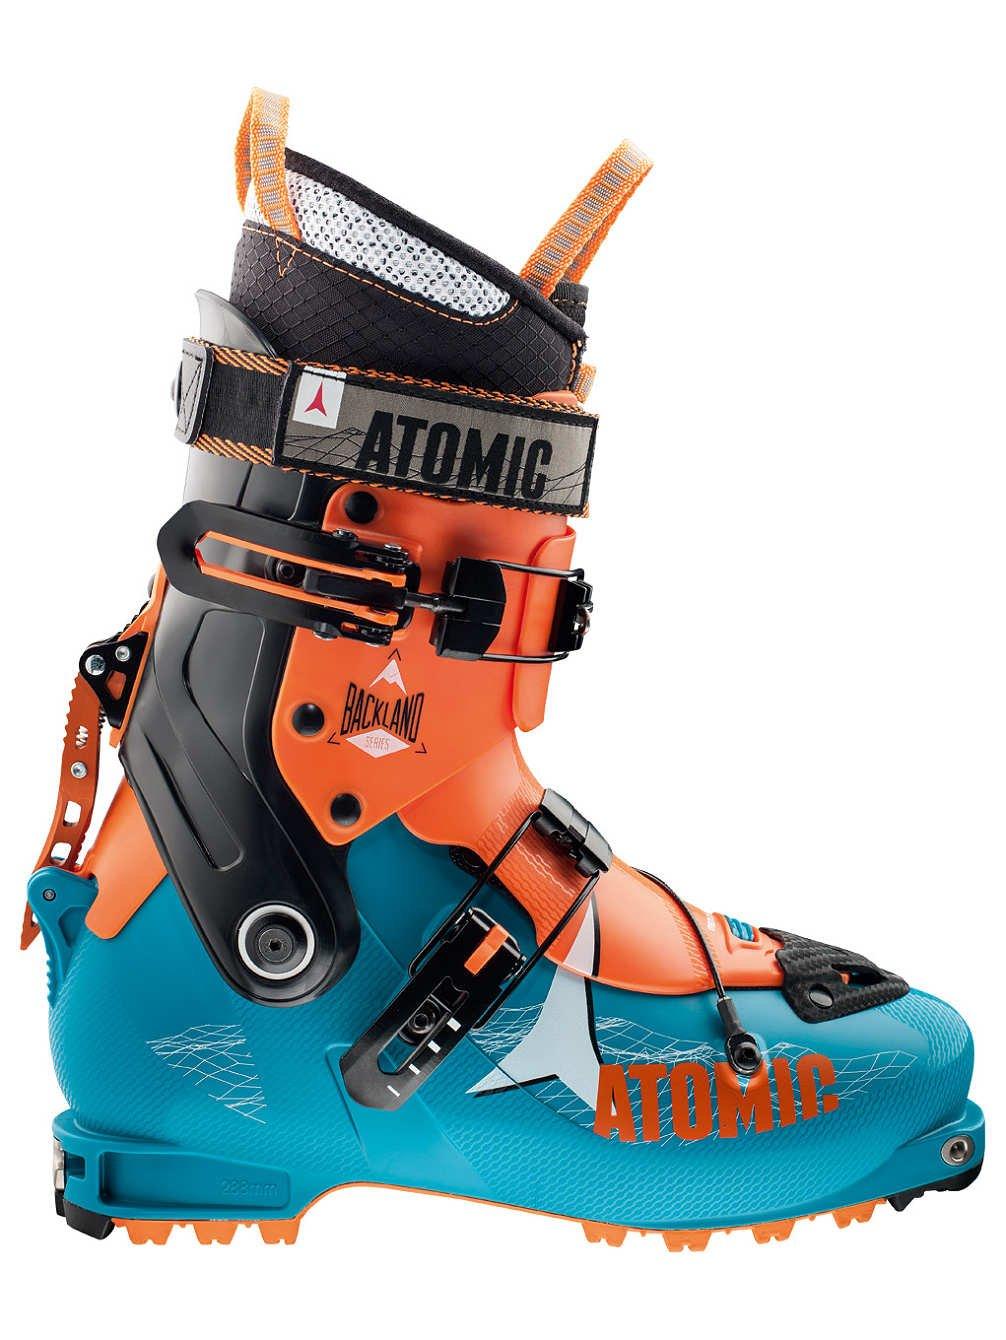 アトミック スキーブーツ ATOMIC BACKLAND バックカントリー [AE5014080]  24-24.5cm